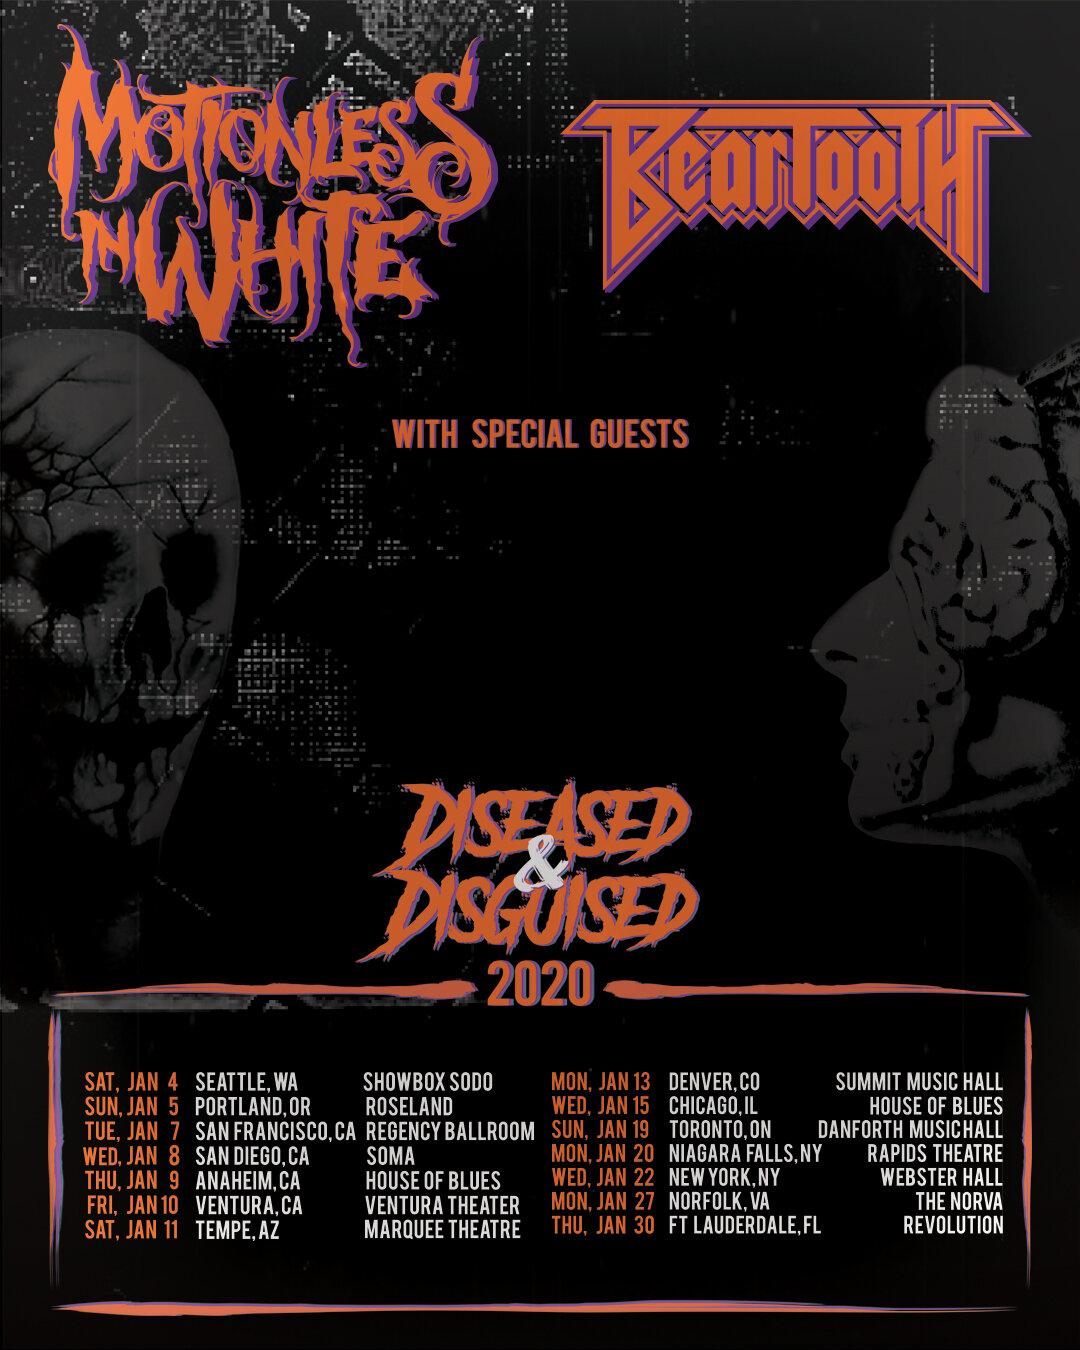 Modest Mouse Tour 2020.Motionless In White Tour 2020 Tour 2020 Infiniteradio